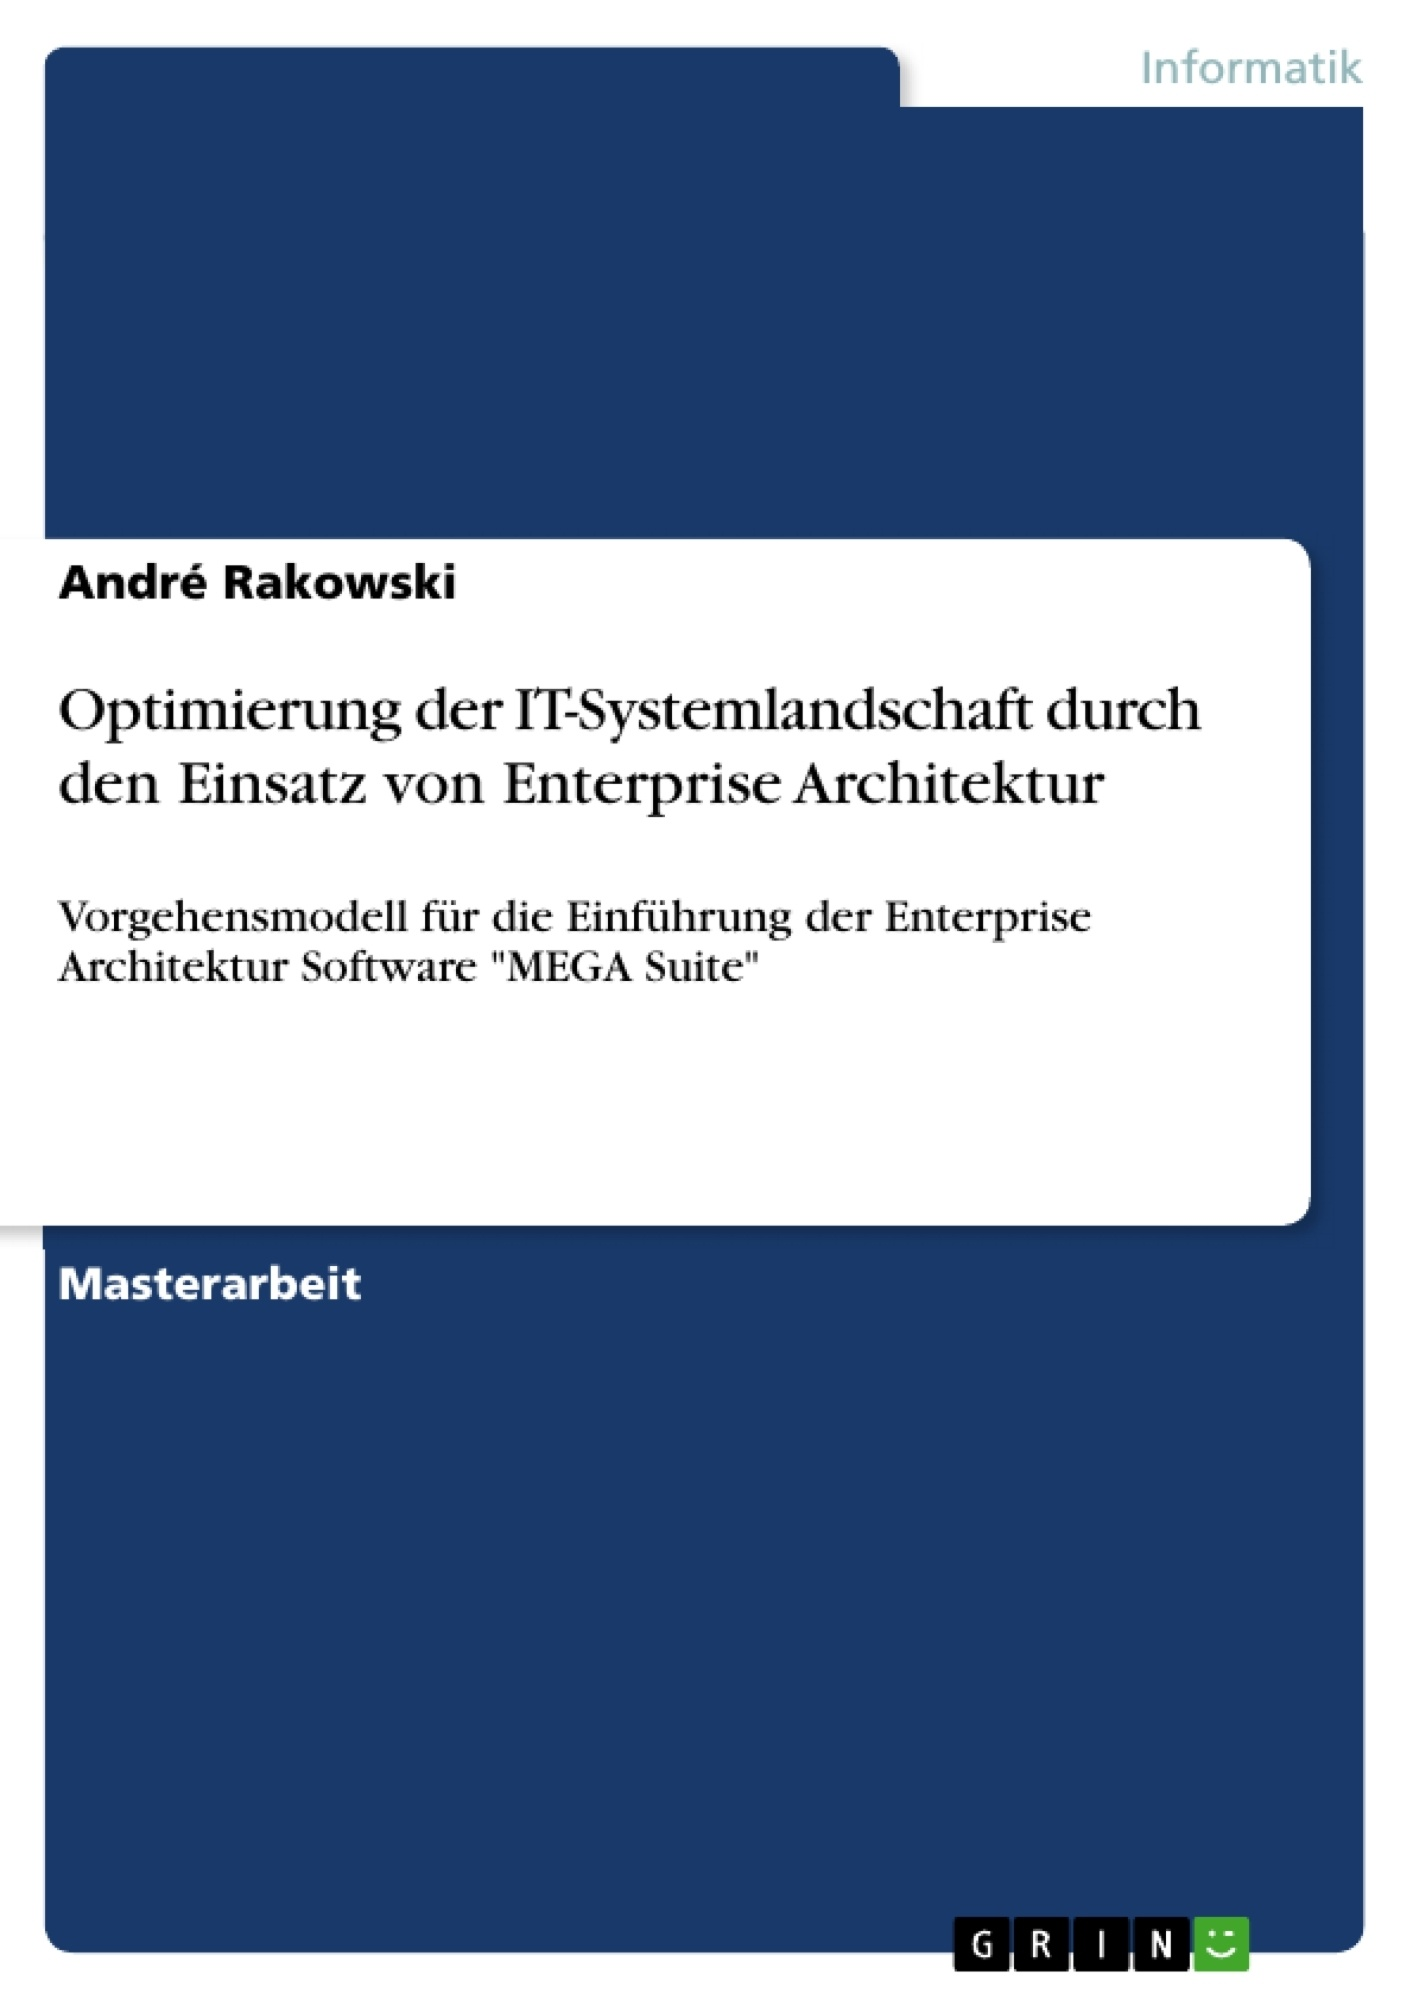 Titel: Optimierung der IT-Systemlandschaft durch den Einsatz von Enterprise Architektur